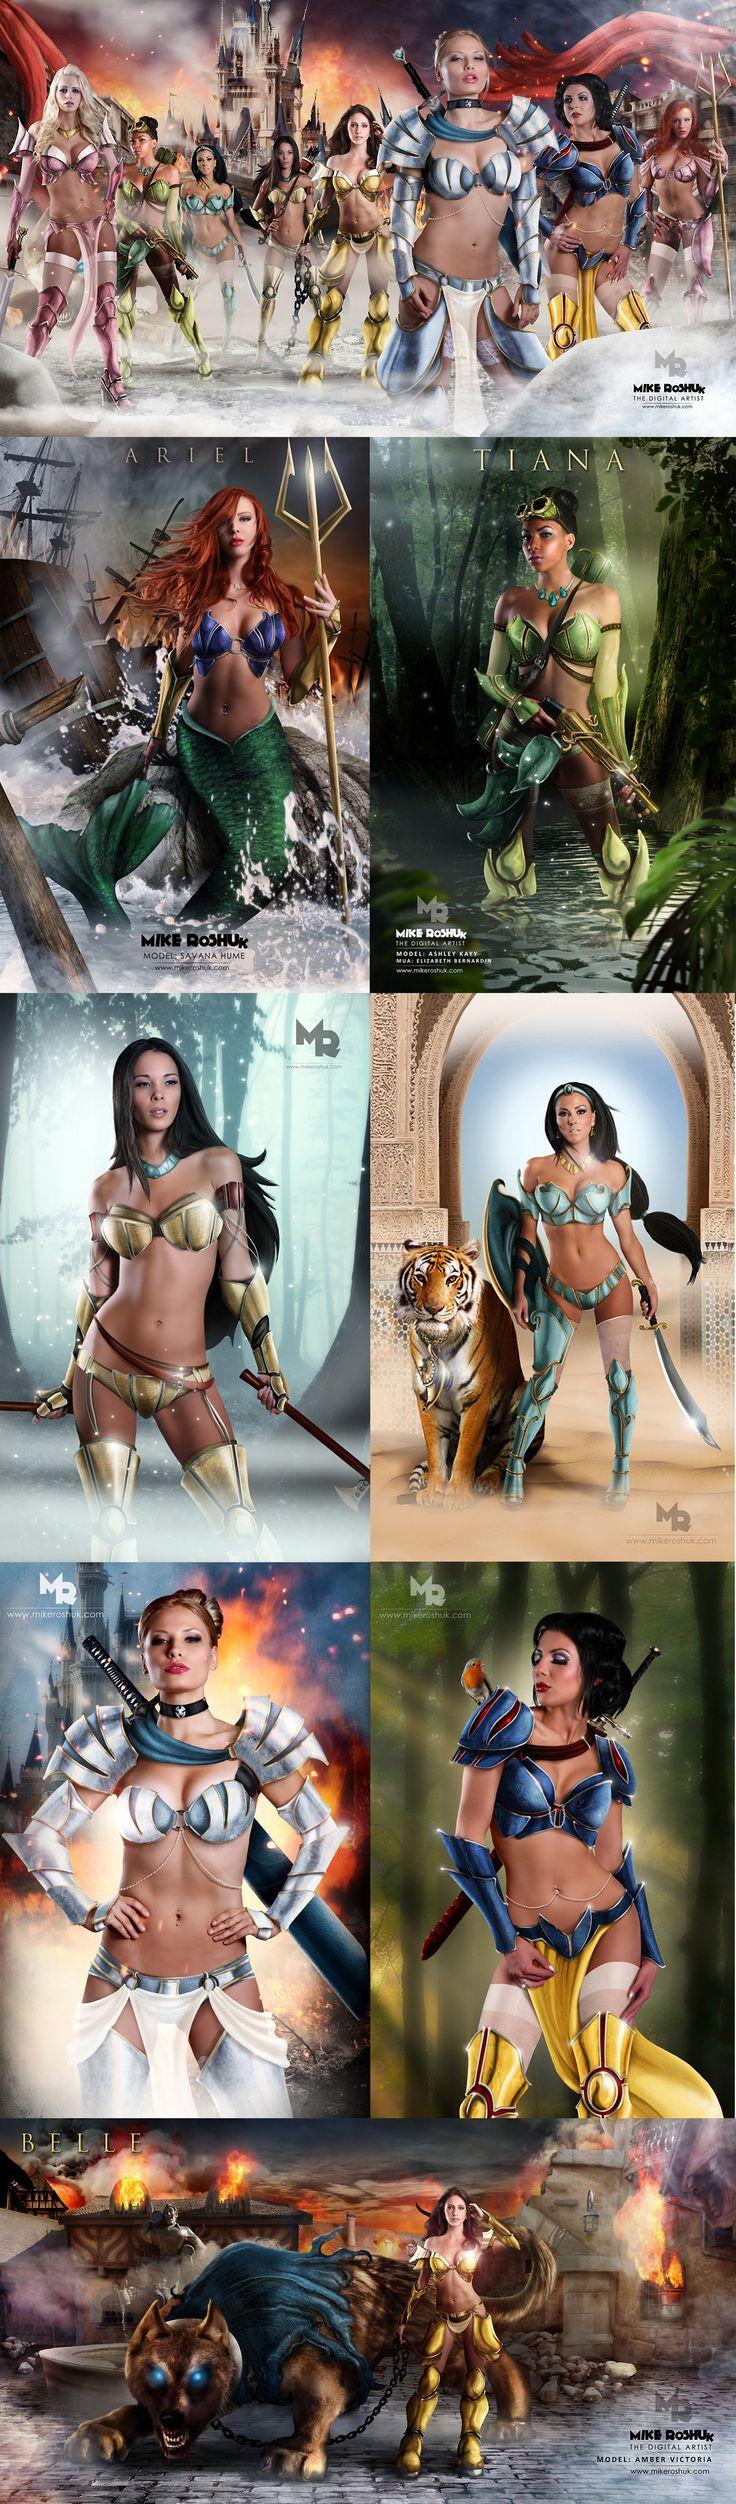 Disney Warrior Princesses by digital artist *MikeRoshuk #Cosplay